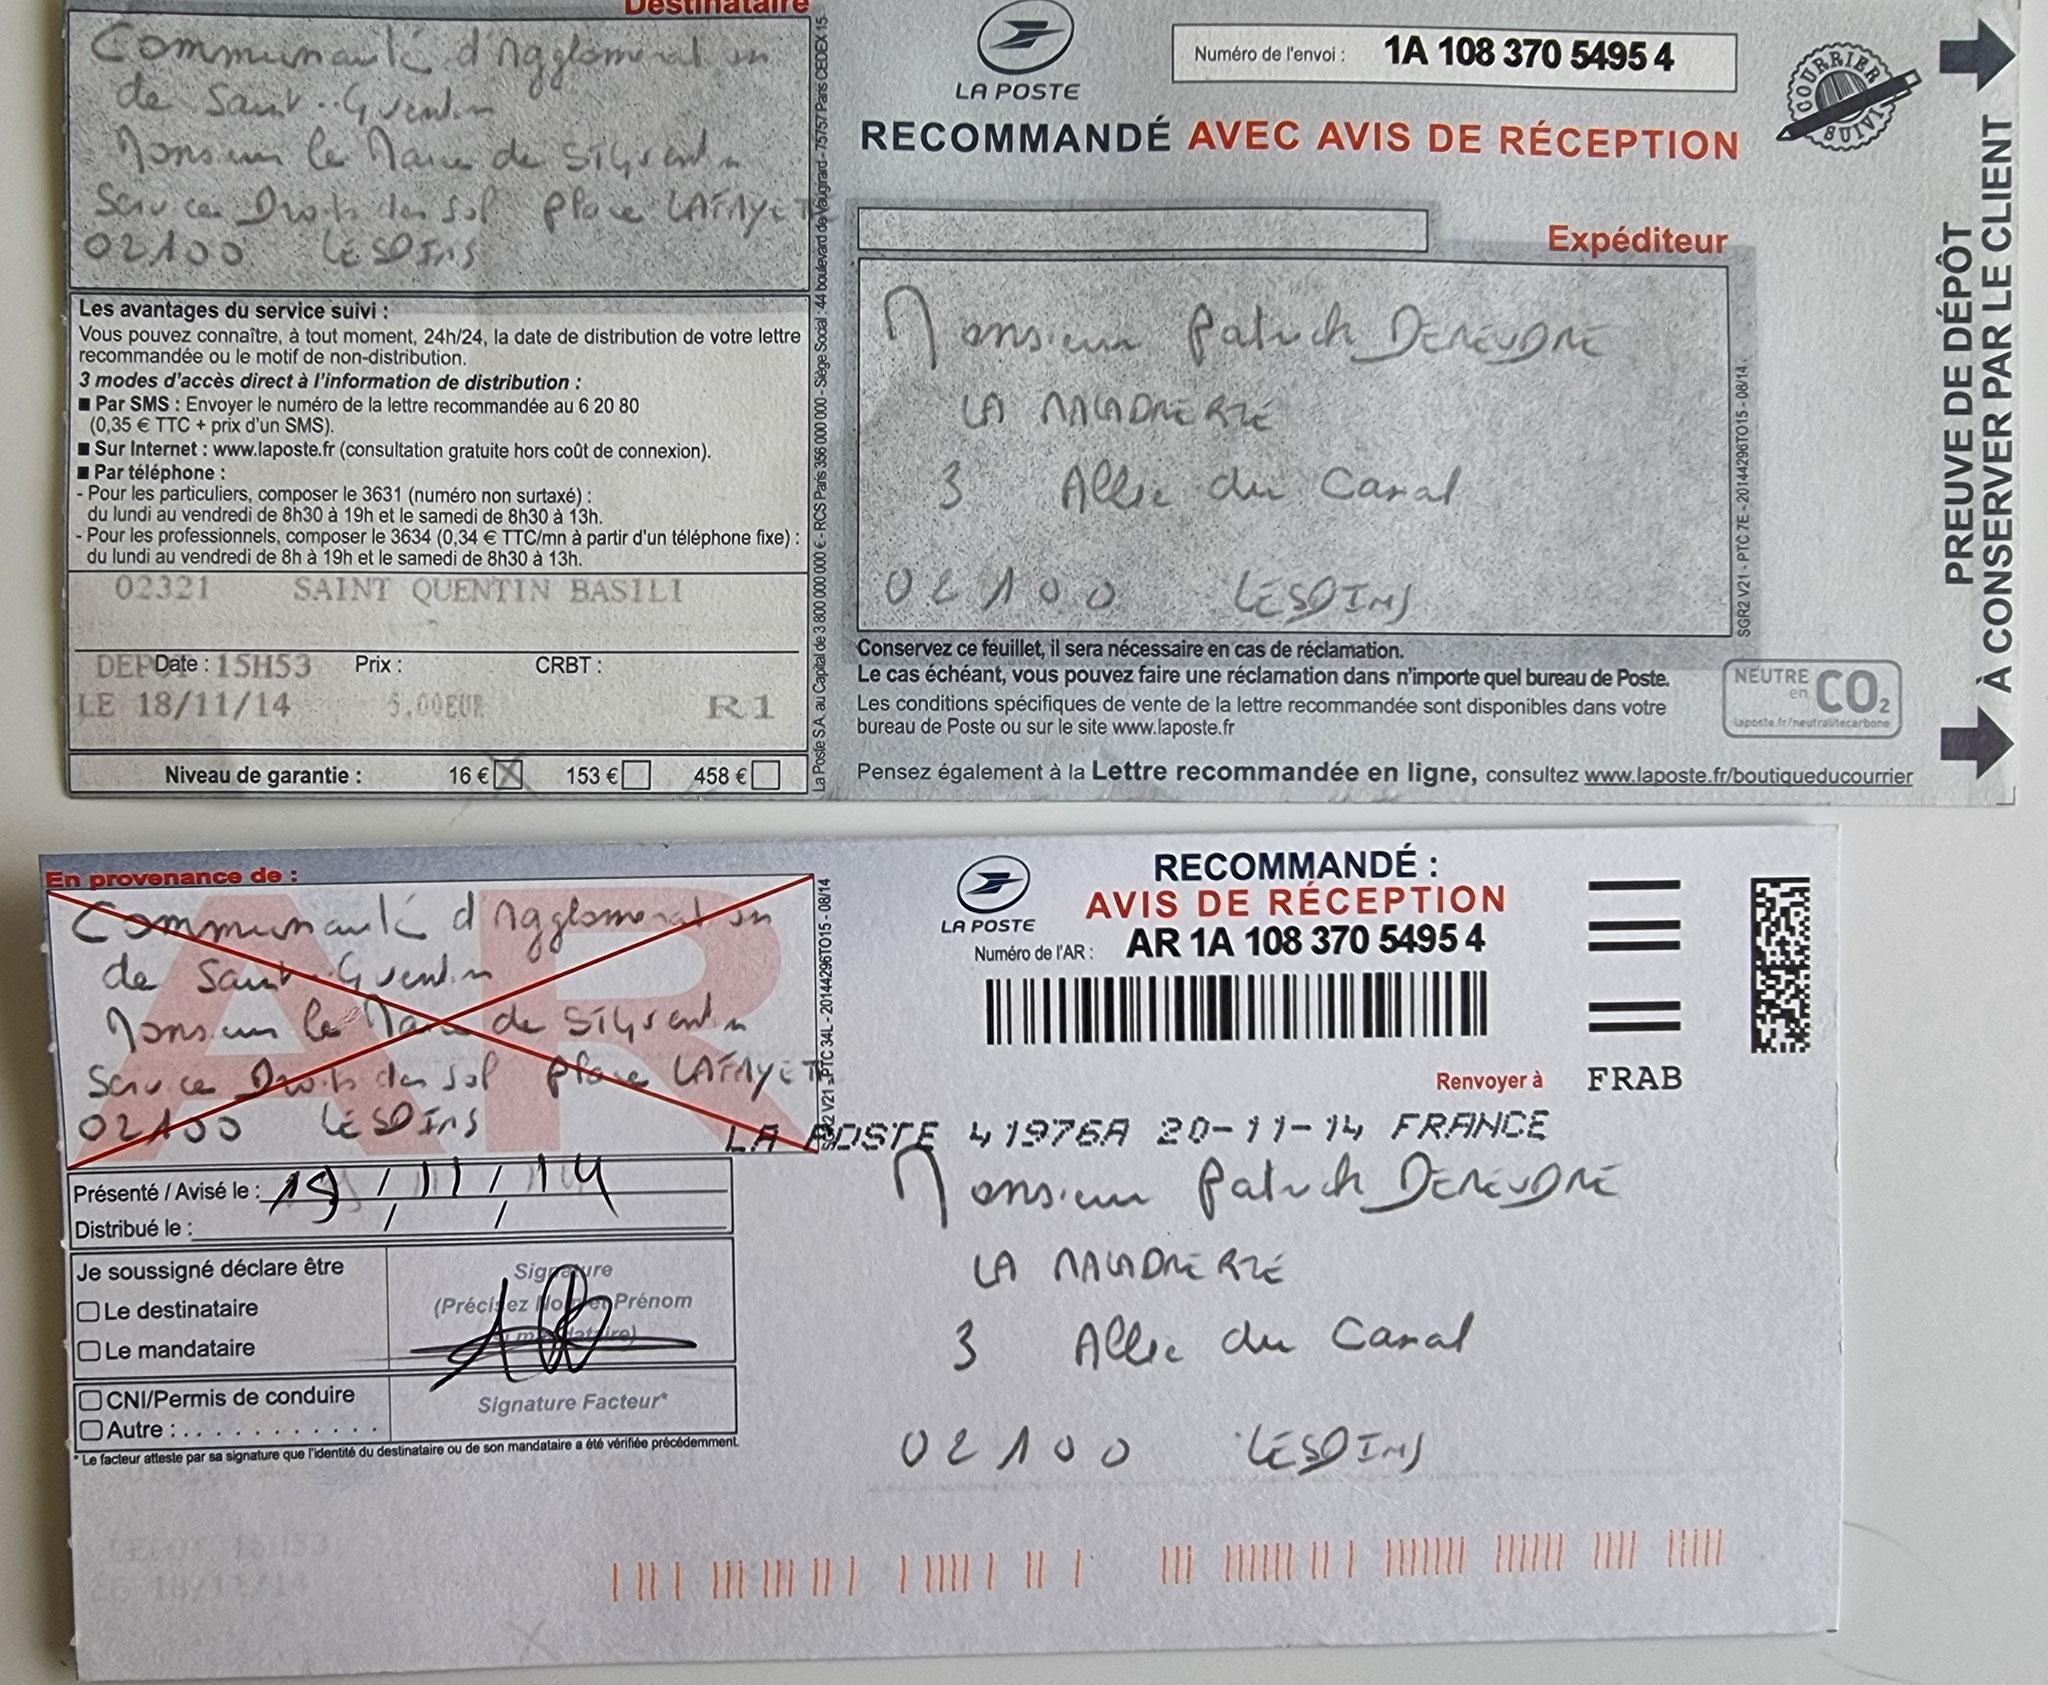 AFFAIRE MES CHERS VOISINS      Le Mardi 18 Novembre 2014,  j'adresse une LRAR N0 1A 108 370 5495 4 de huit pages en couleurs à la Communauté d'Agglomération de Saint-Quentin XB. www.jenesuispasunchien.fr www.jesuispatrick.fr www.jesuisvictime.fr